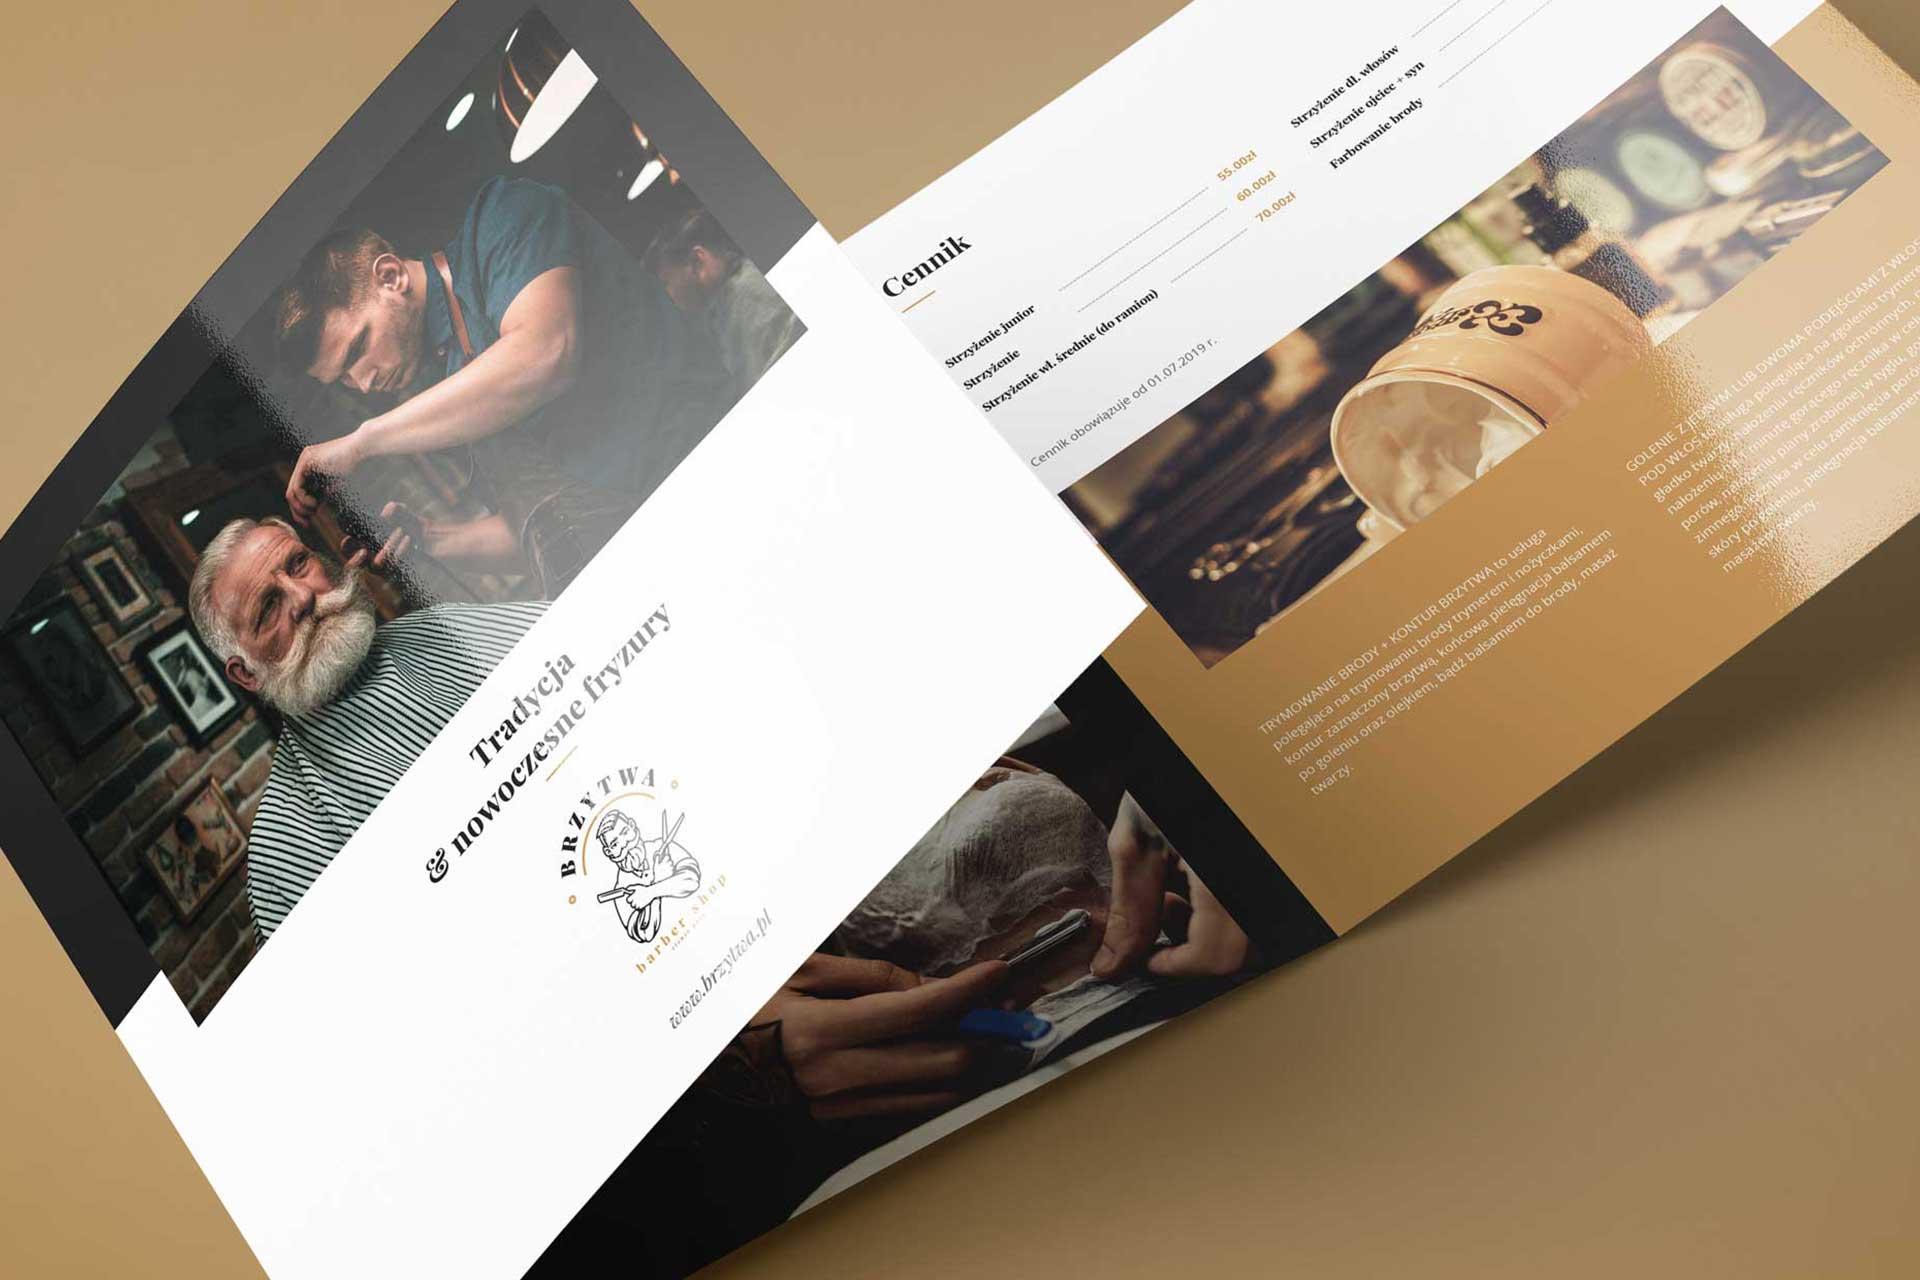 Identyfikacja wizualna w Cobance Studio - case study Brzytwa BarberShop broszura ulotka barber 2